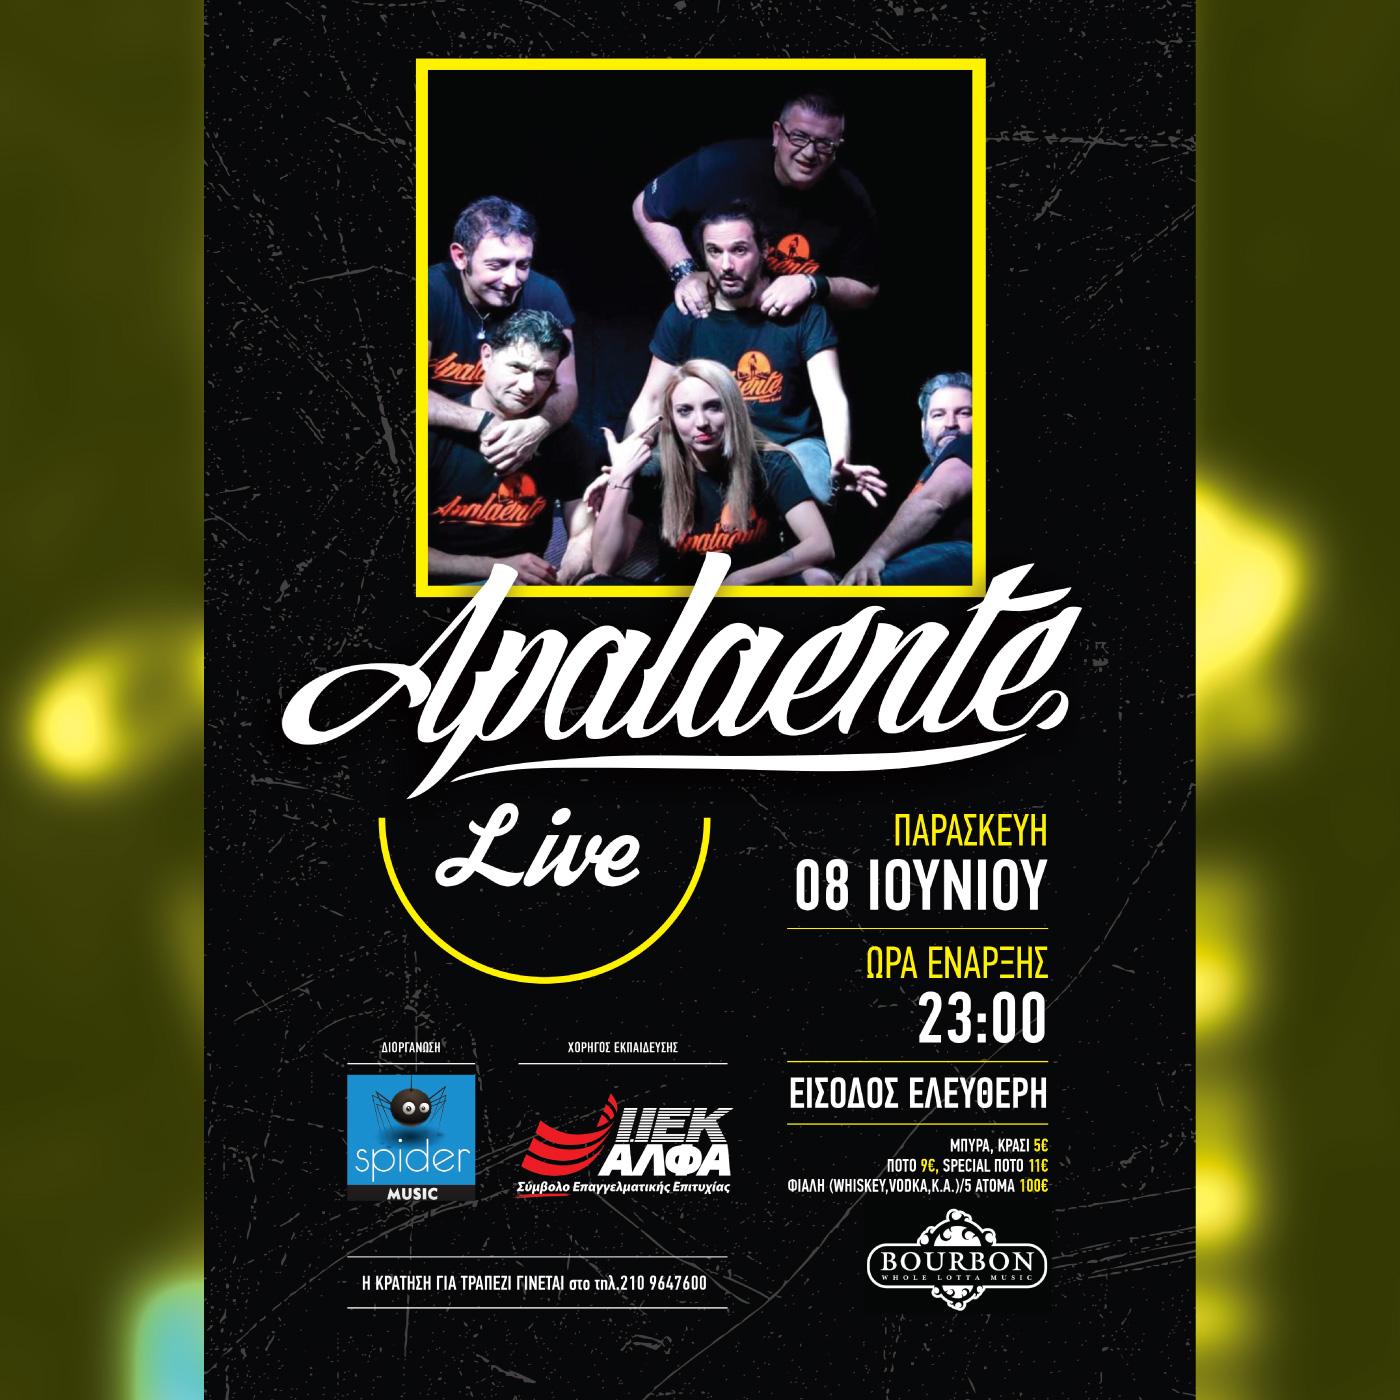 Apalaente - Live